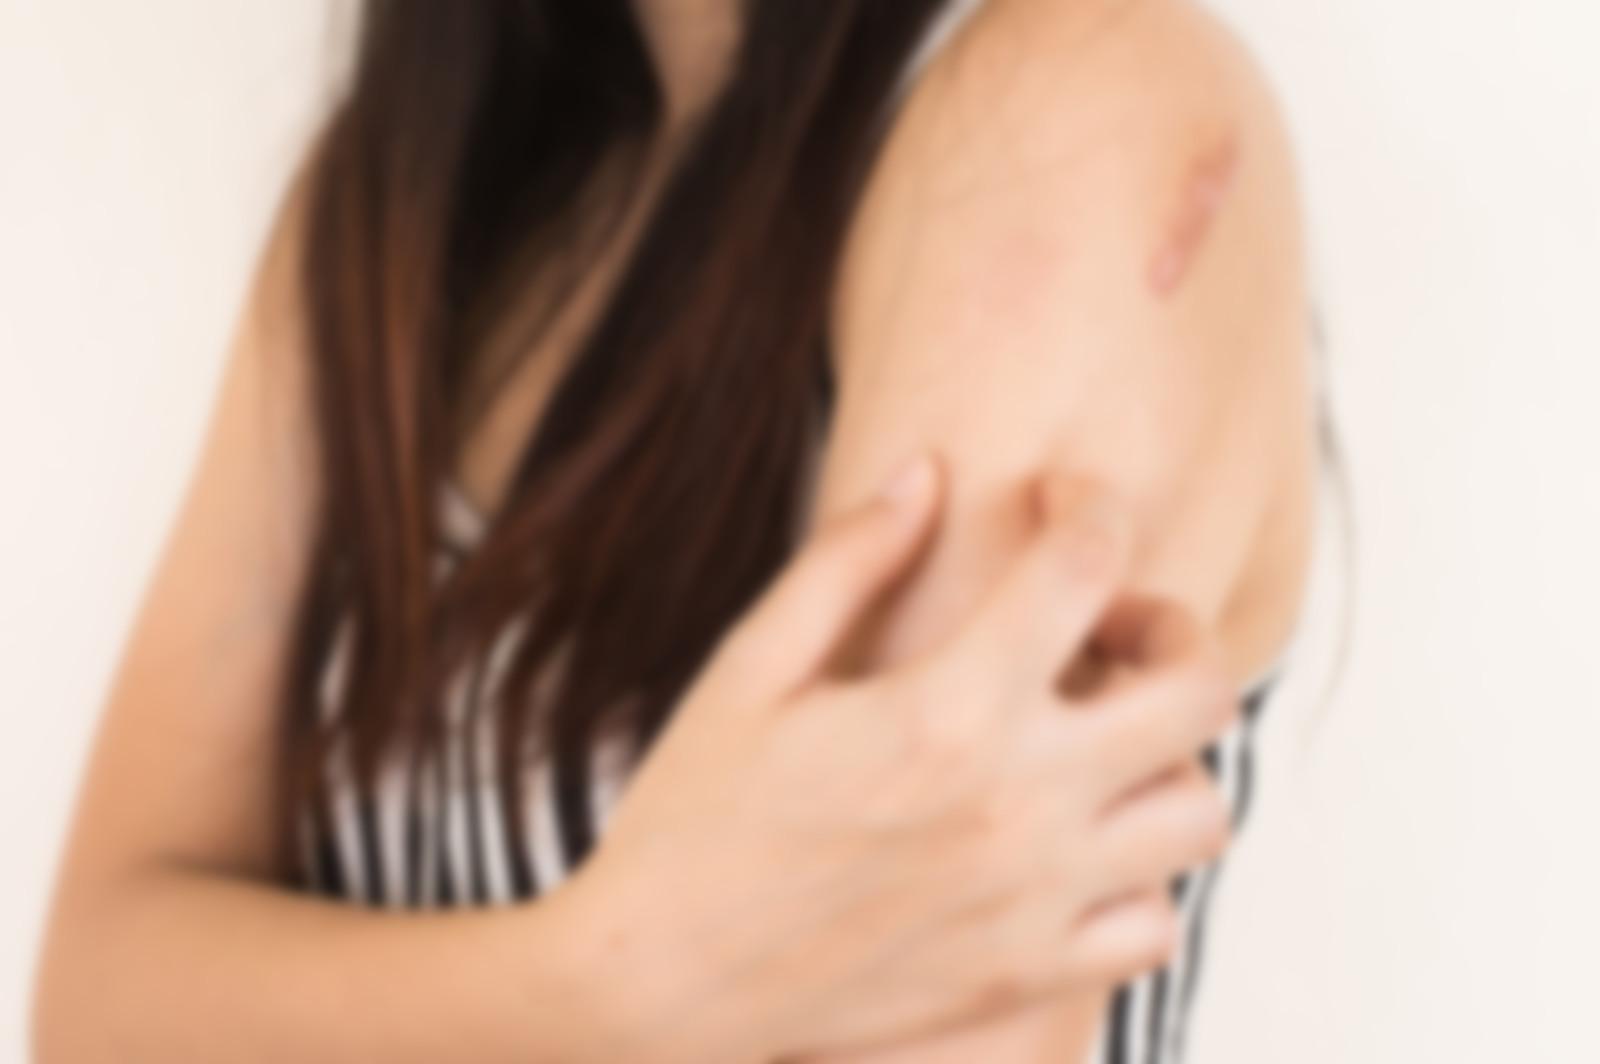 Стригущий лишай у человека - фото, симптомы, лечение